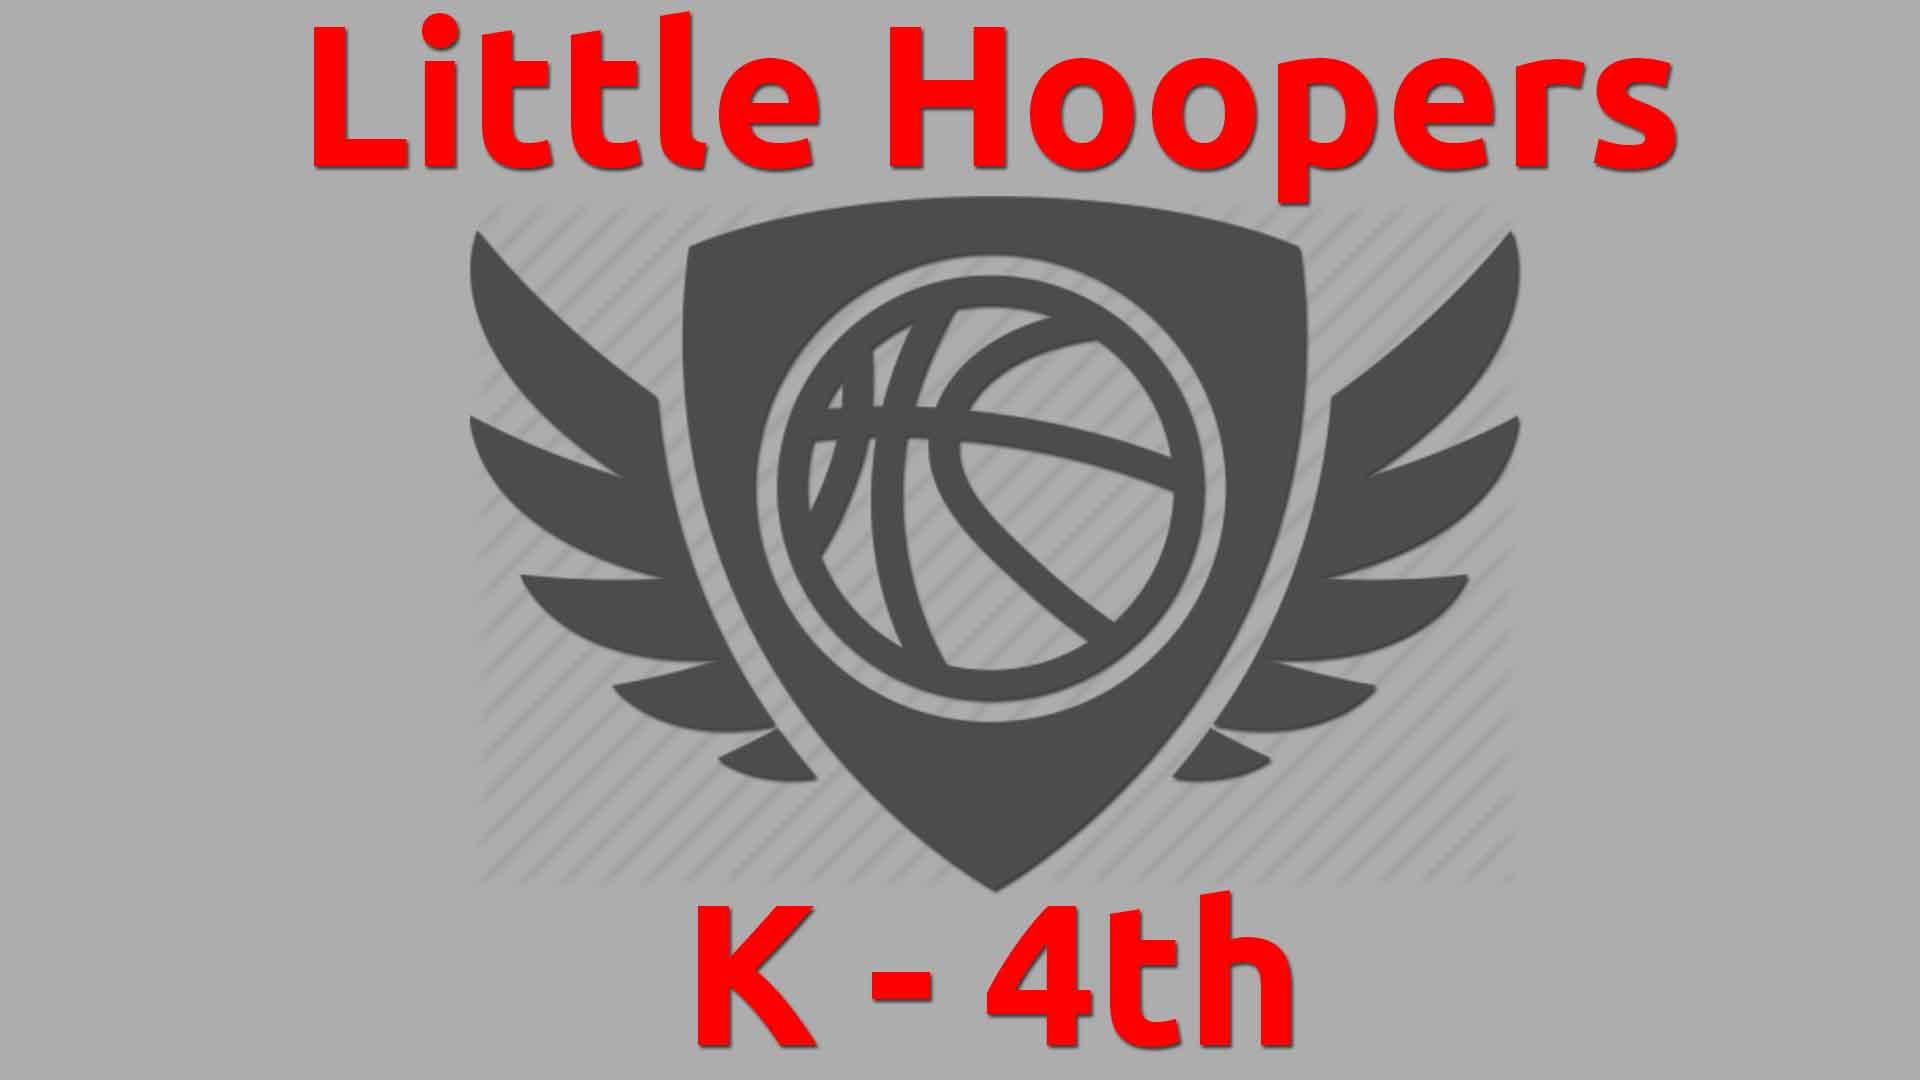 LittleHoopers.jpg